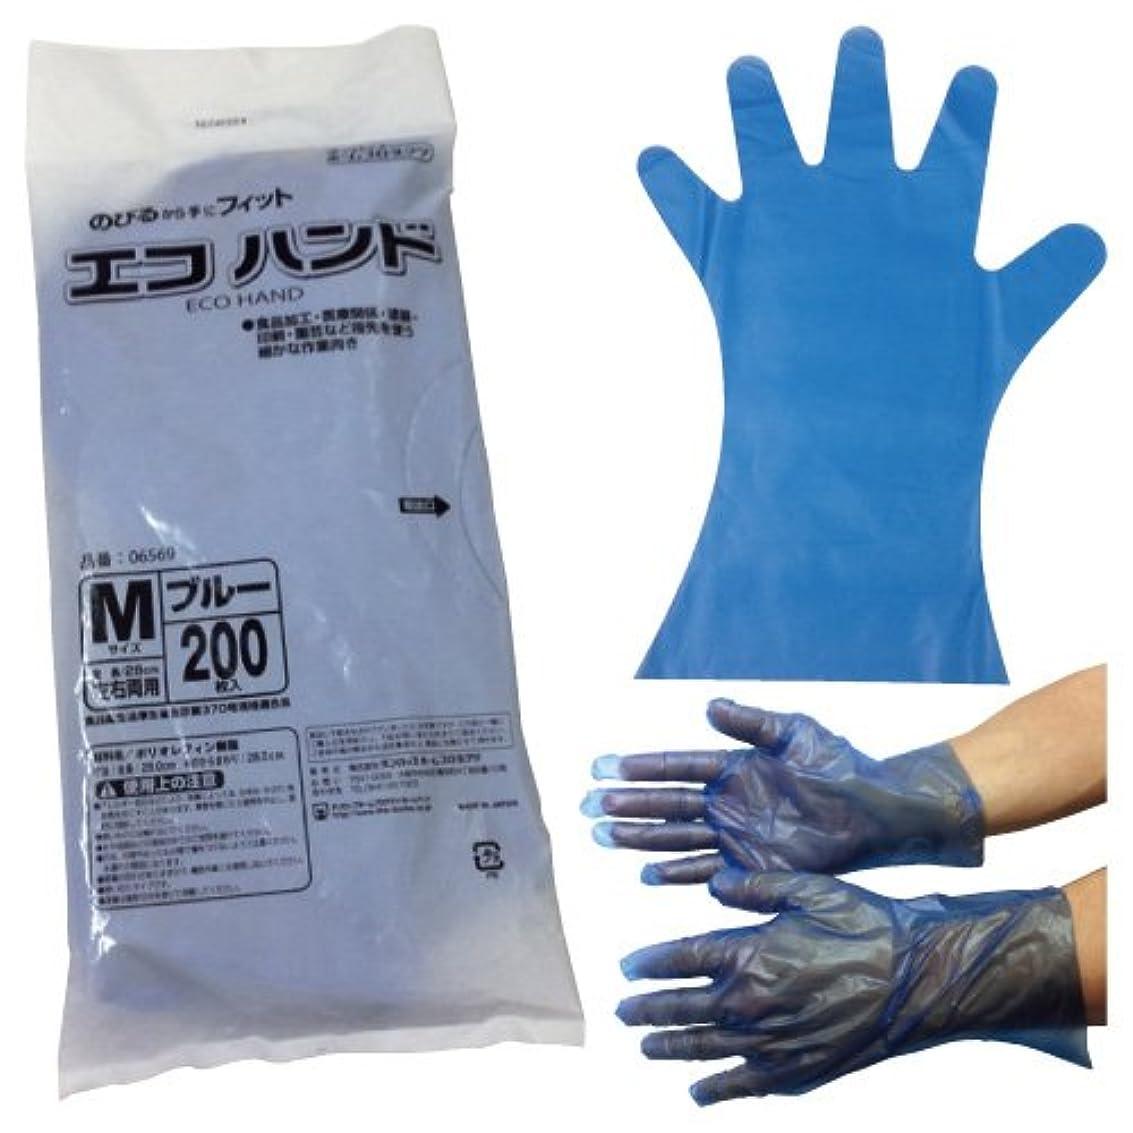 主人拡散するくま補助用手袋 エコハンド(M) ?????????????????(M) 6569(200????)【20袋単位】(24-3470-01)